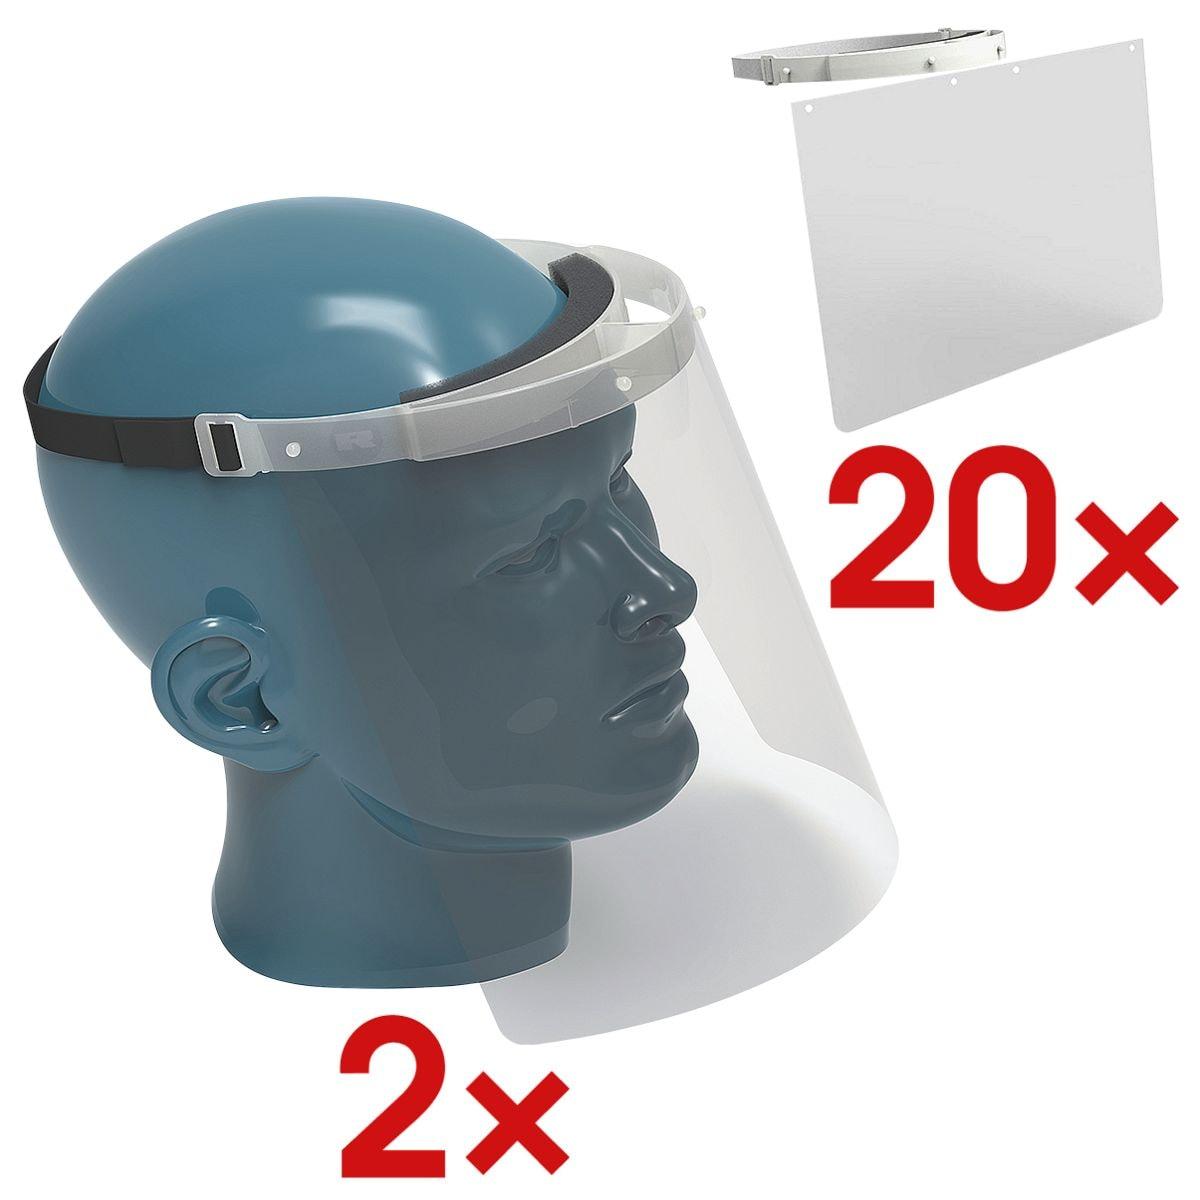 RENZ 2x Nies- und Spuckschutz Gesichtsschutzvisier inkl. 2x 10er-Pack Nies- und Spuckschutz Ersatzschilde